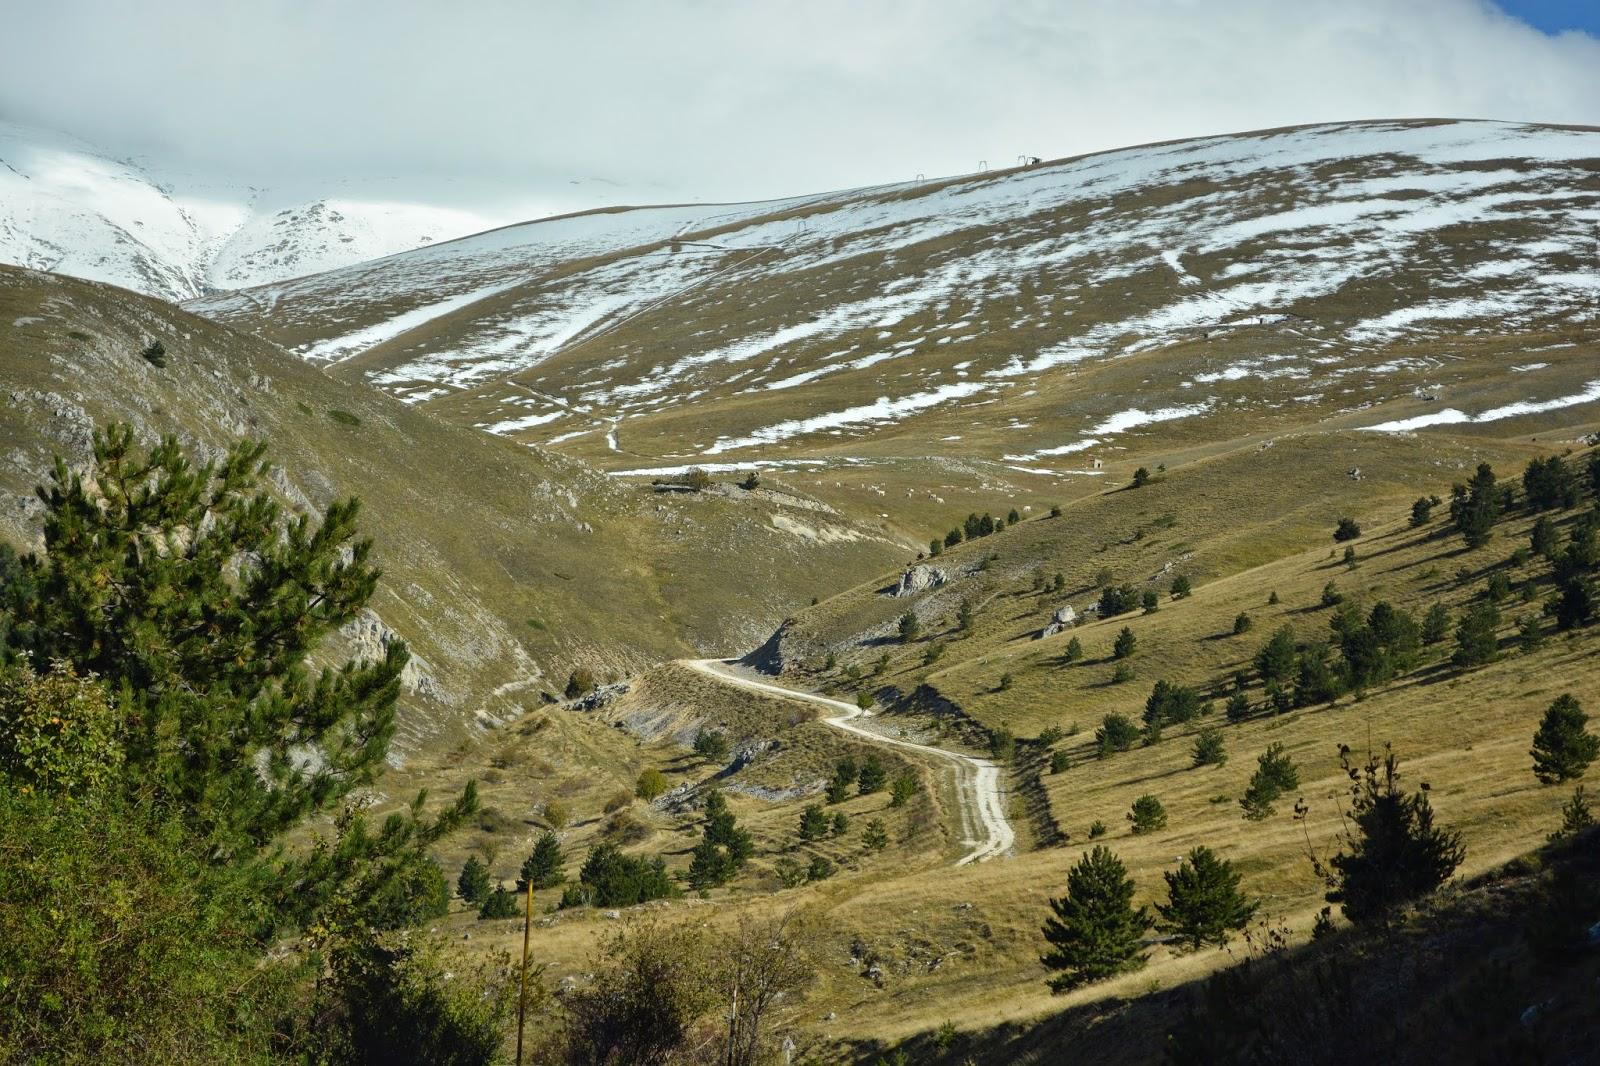 Вид на долину с горы Гран Сассо, вершина Кампо Императореледник Гран Сассо Италия